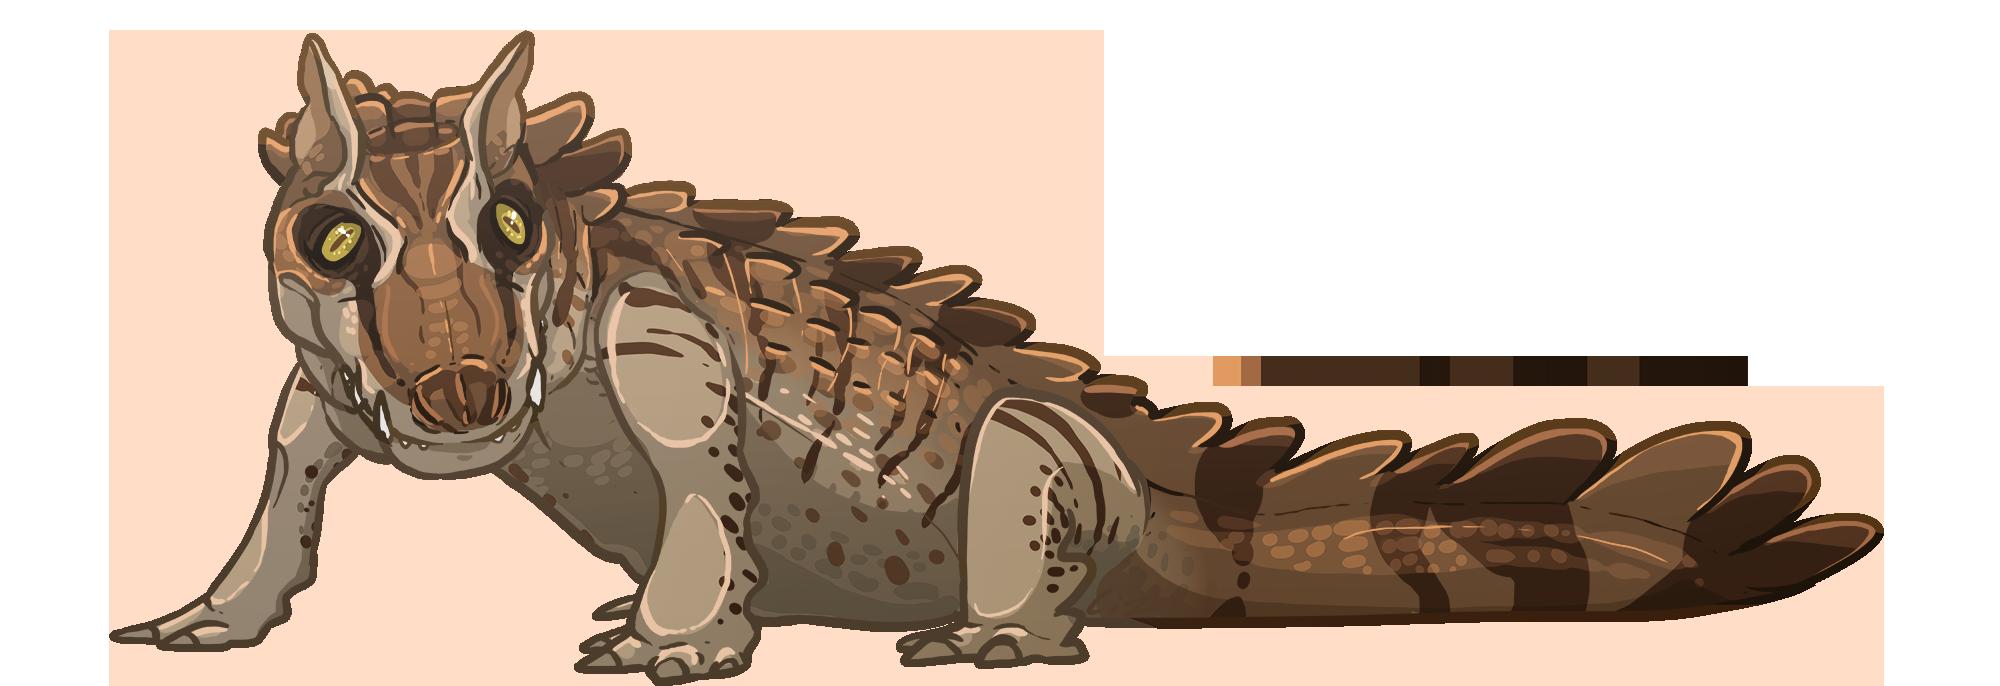 crocodile clipart dinosaur